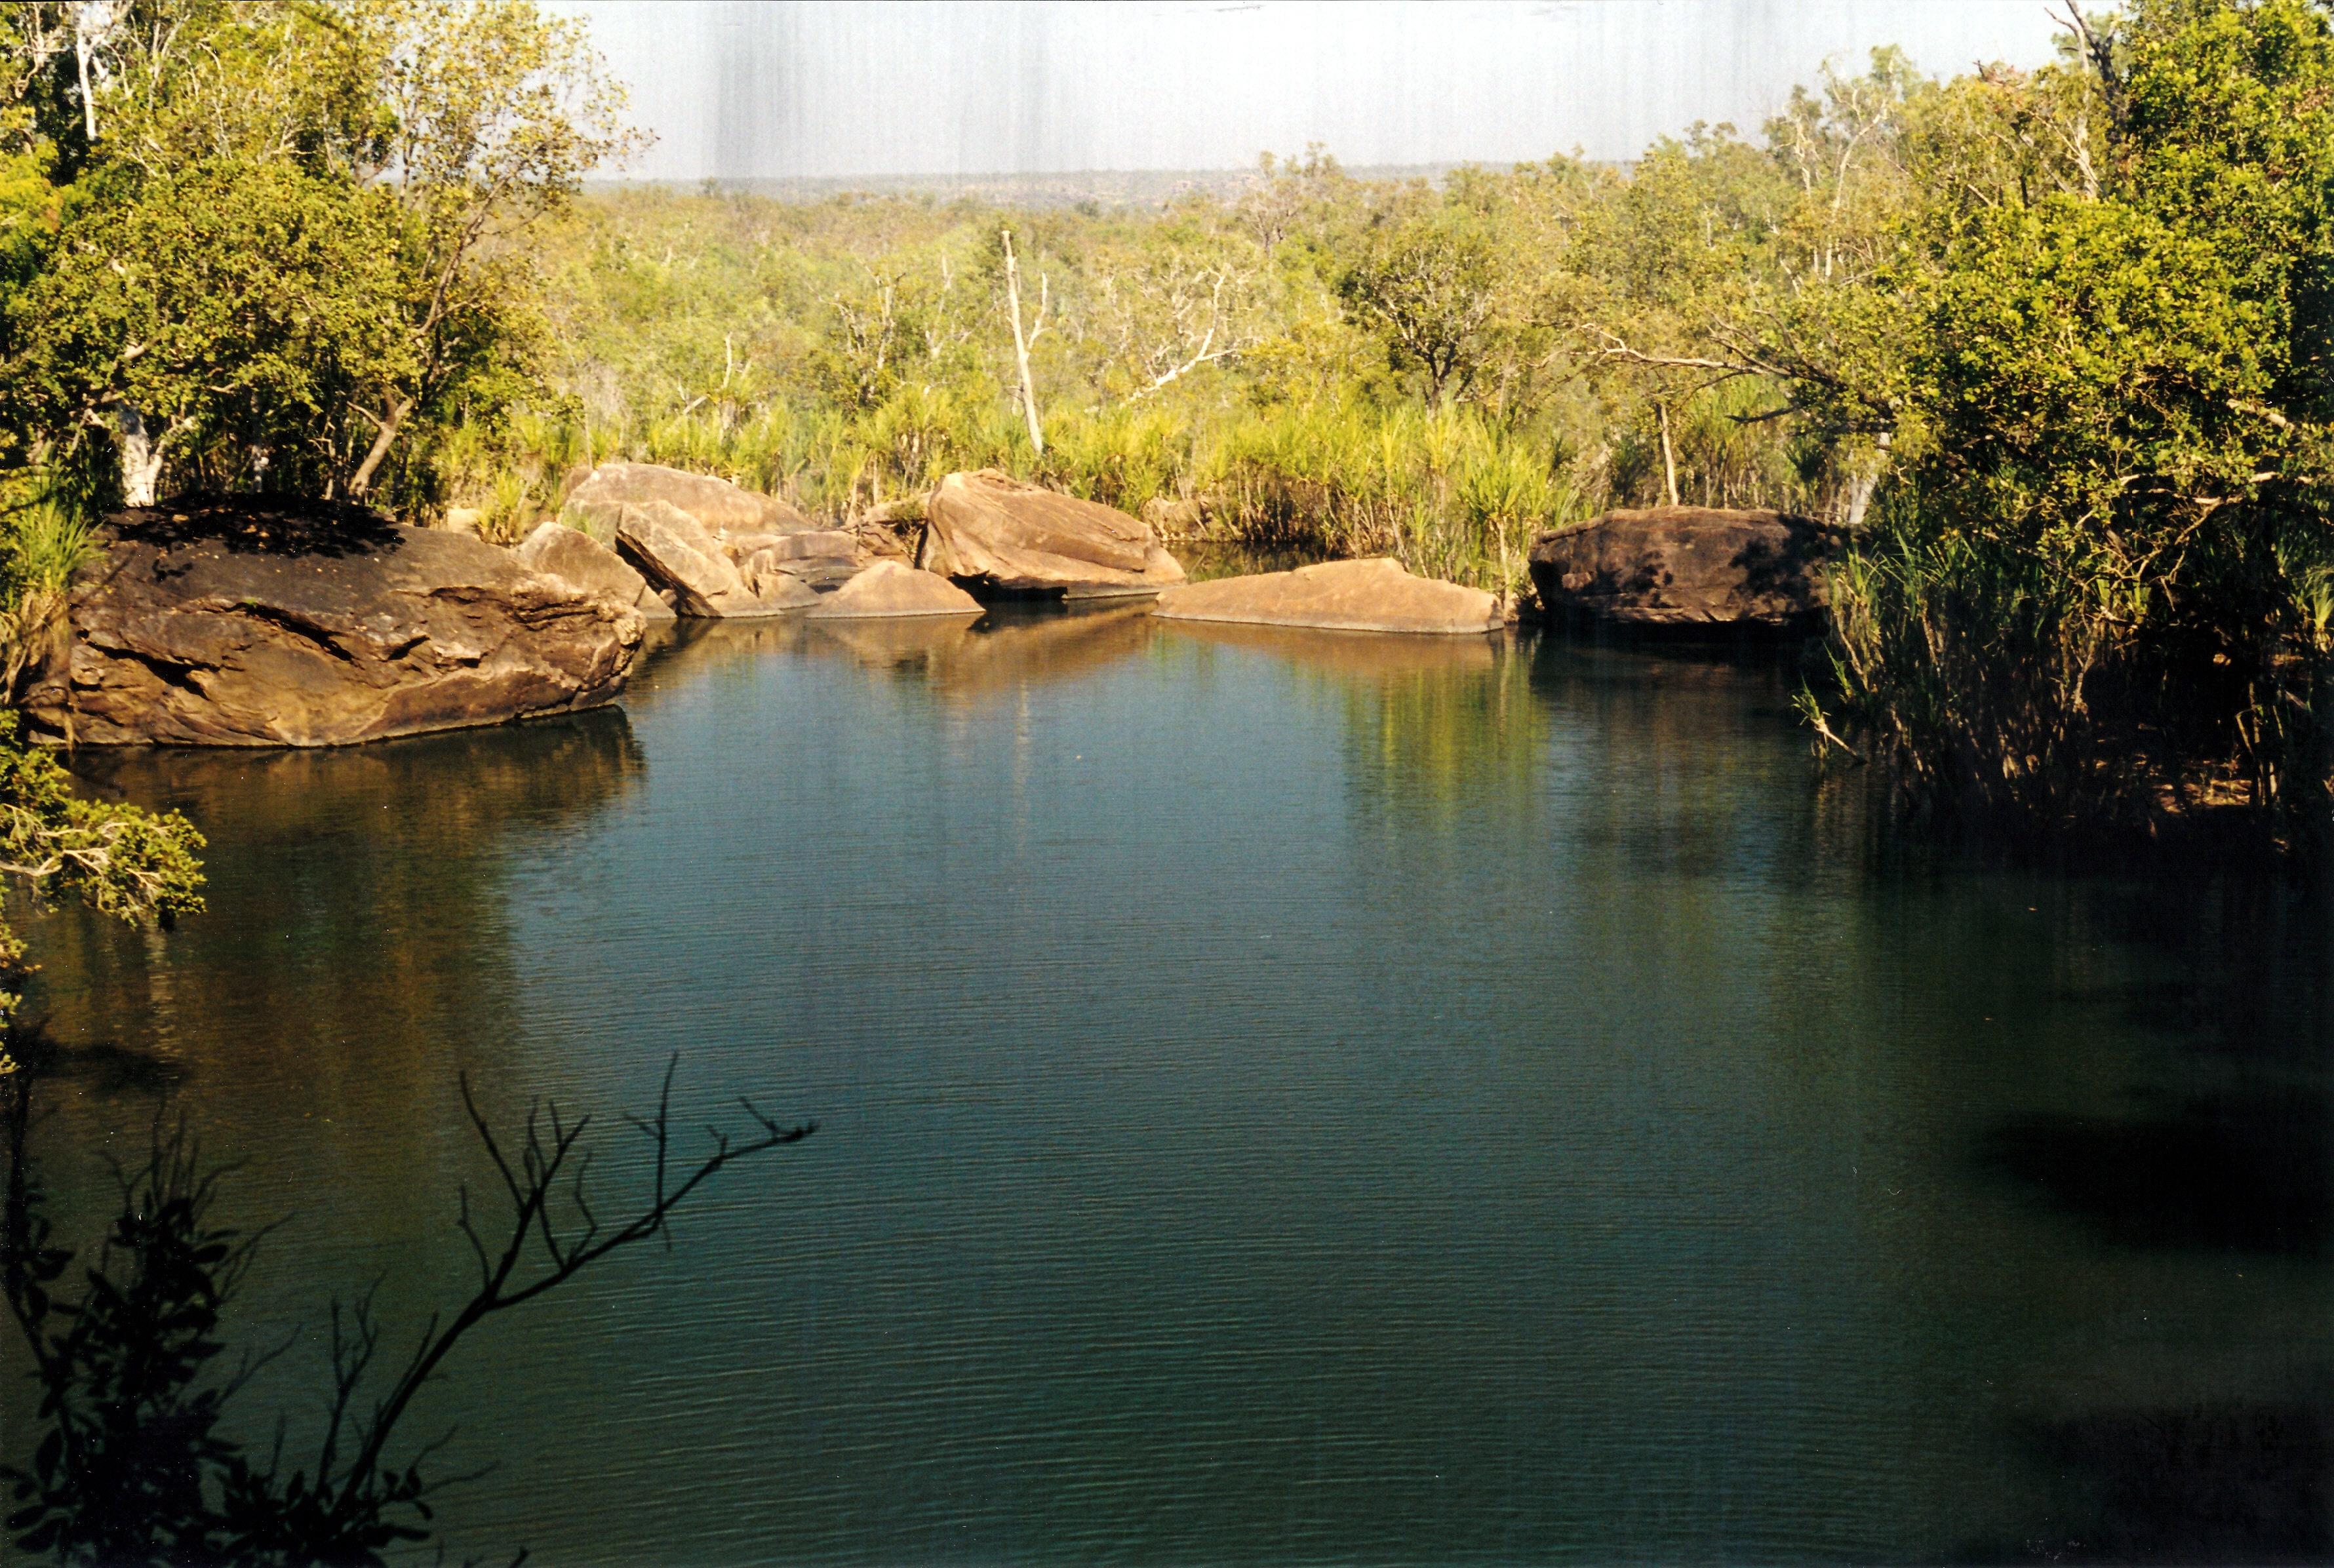 08-06-2000 06 from behind Little Mertens Falls